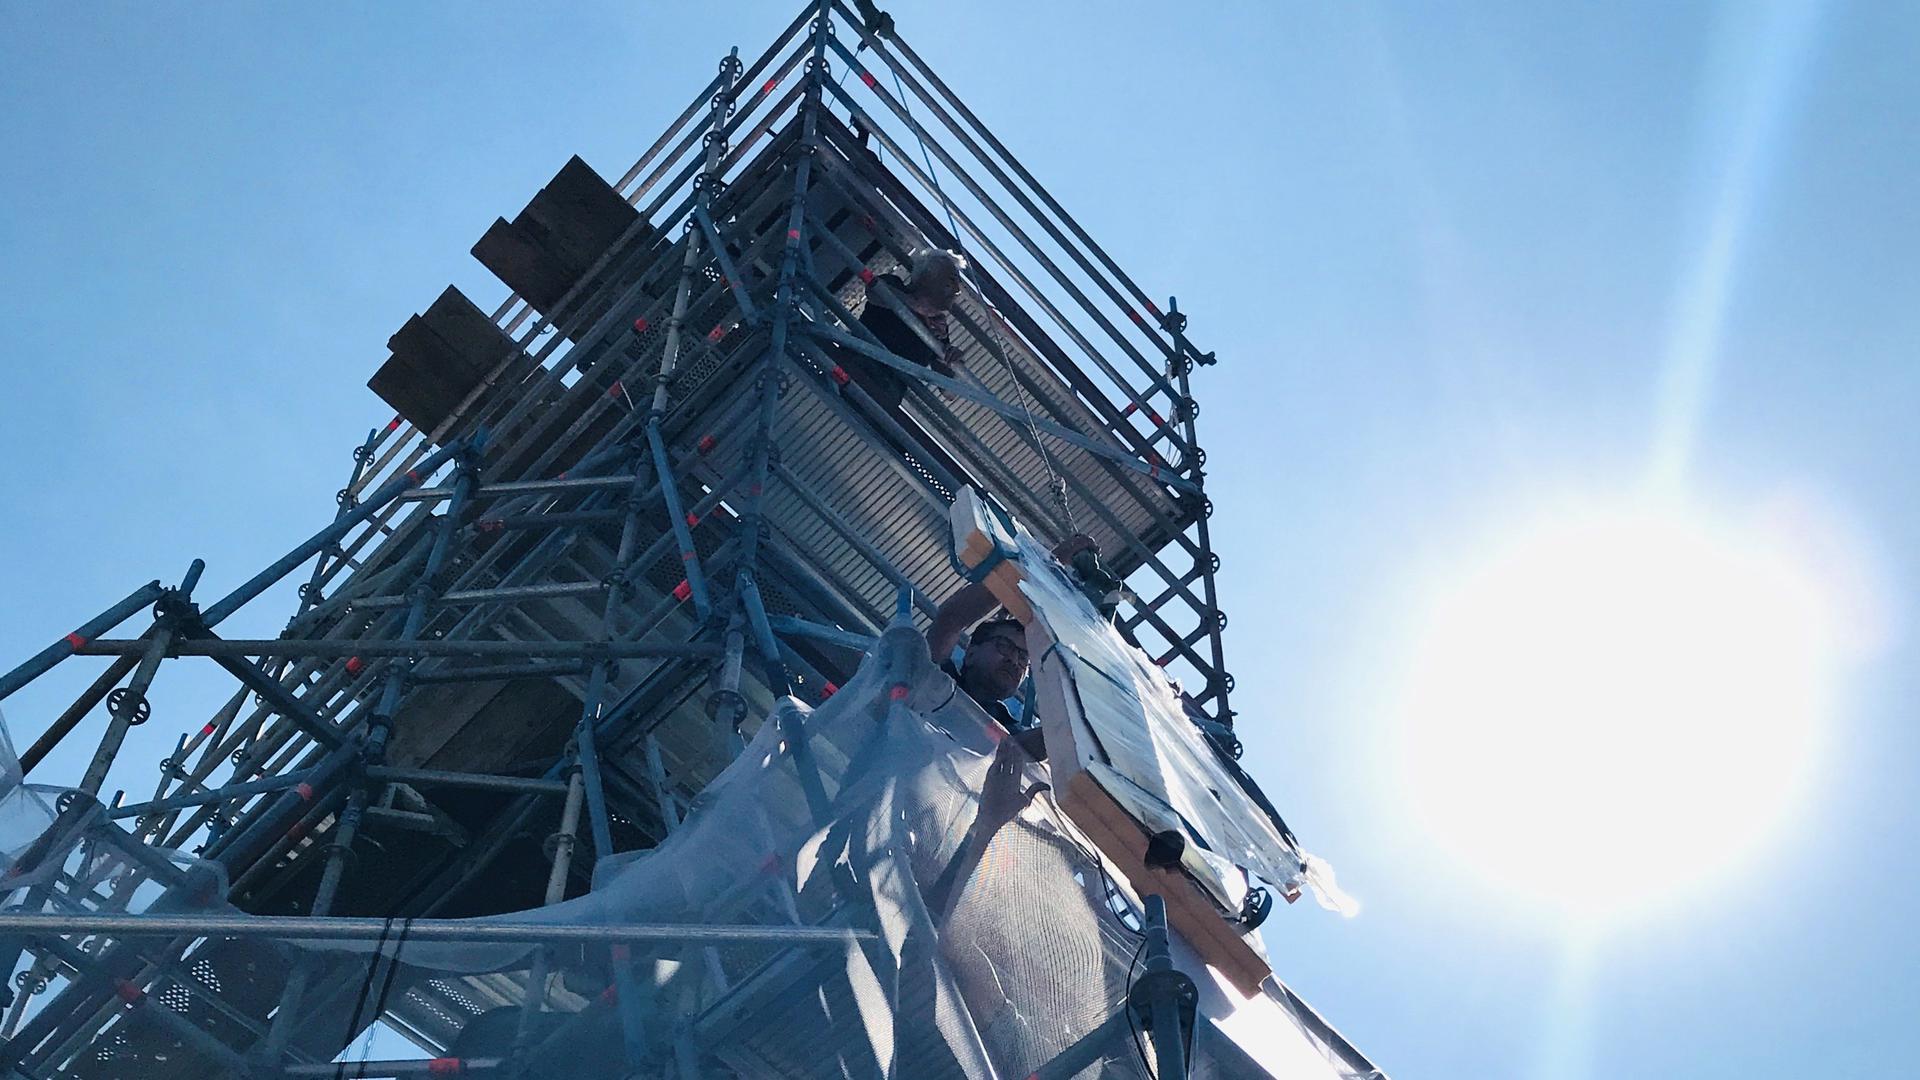 Auf der eingerüsteten Turmspitze der Stiftskirche Baden-Baden wird die Wetterfahne an einem Seil hochgezogen, um sie nach einer umfassenden Restaurierung wieder in über 60 Meter Höhe zu montieren.